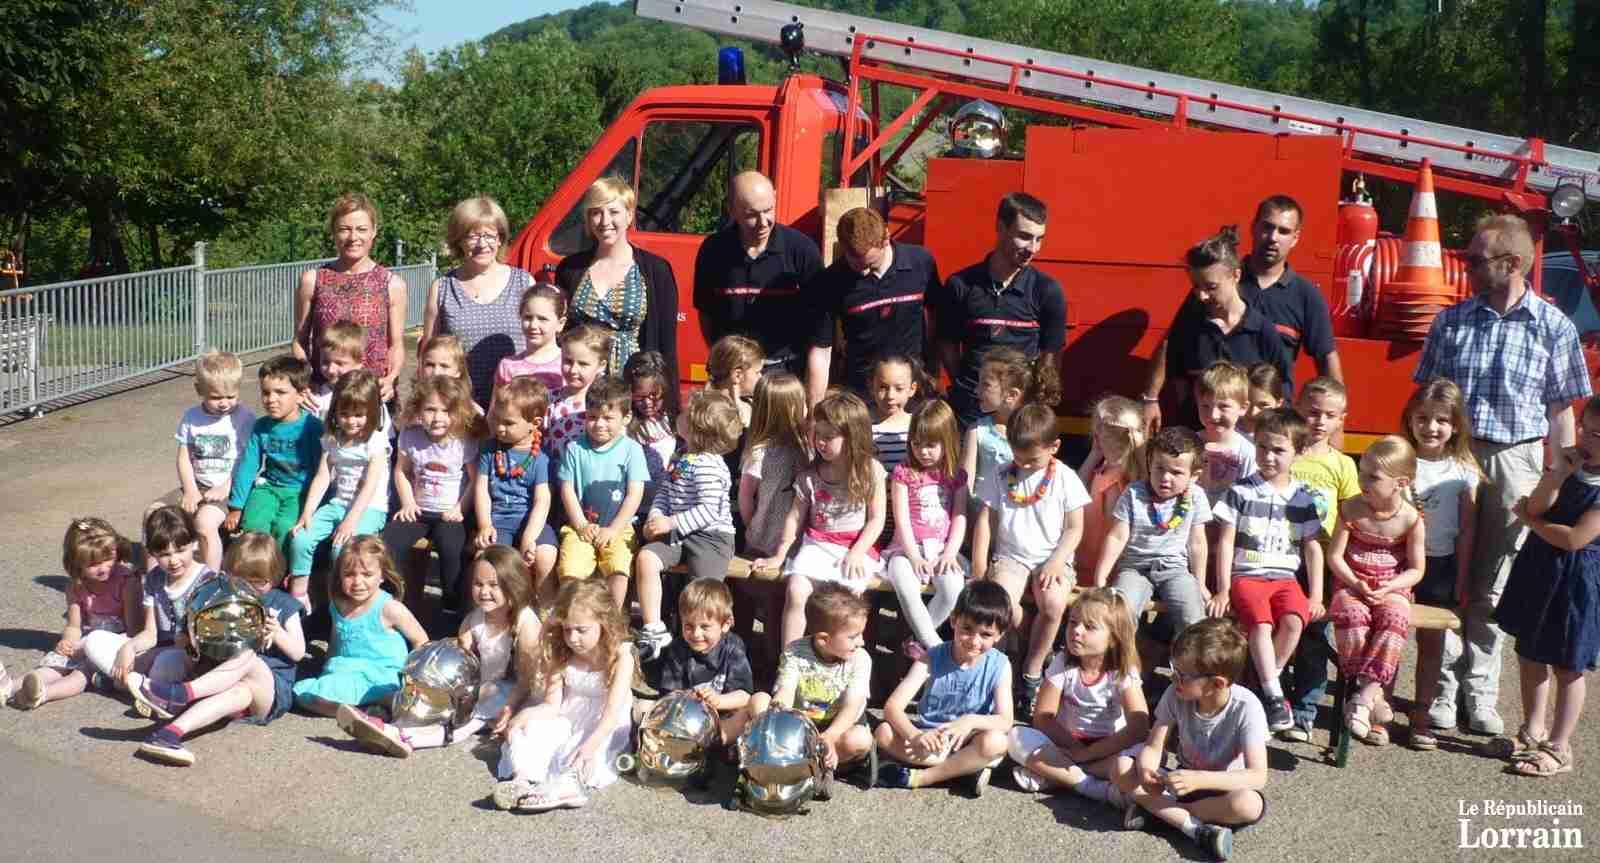 Enfants et adultes ont pose fierement devant le camion des pompiers photo rl 2